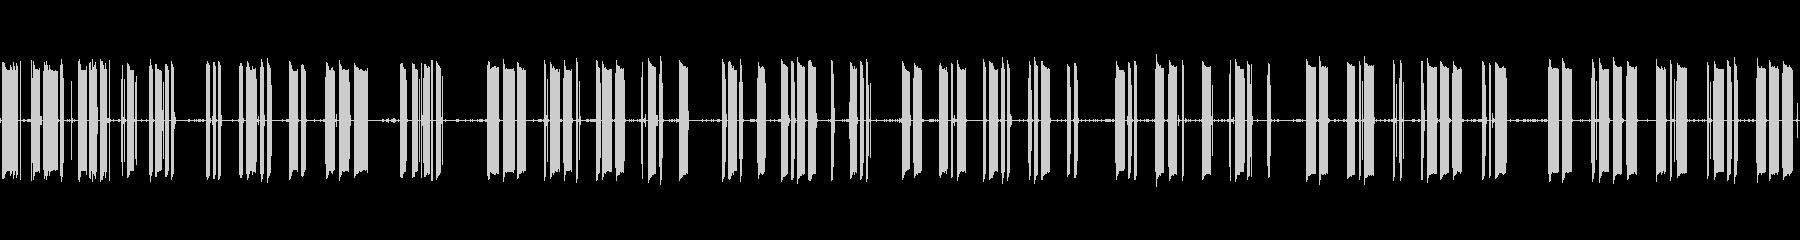 モールス信号トレーナー:穴あきスト...の未再生の波形